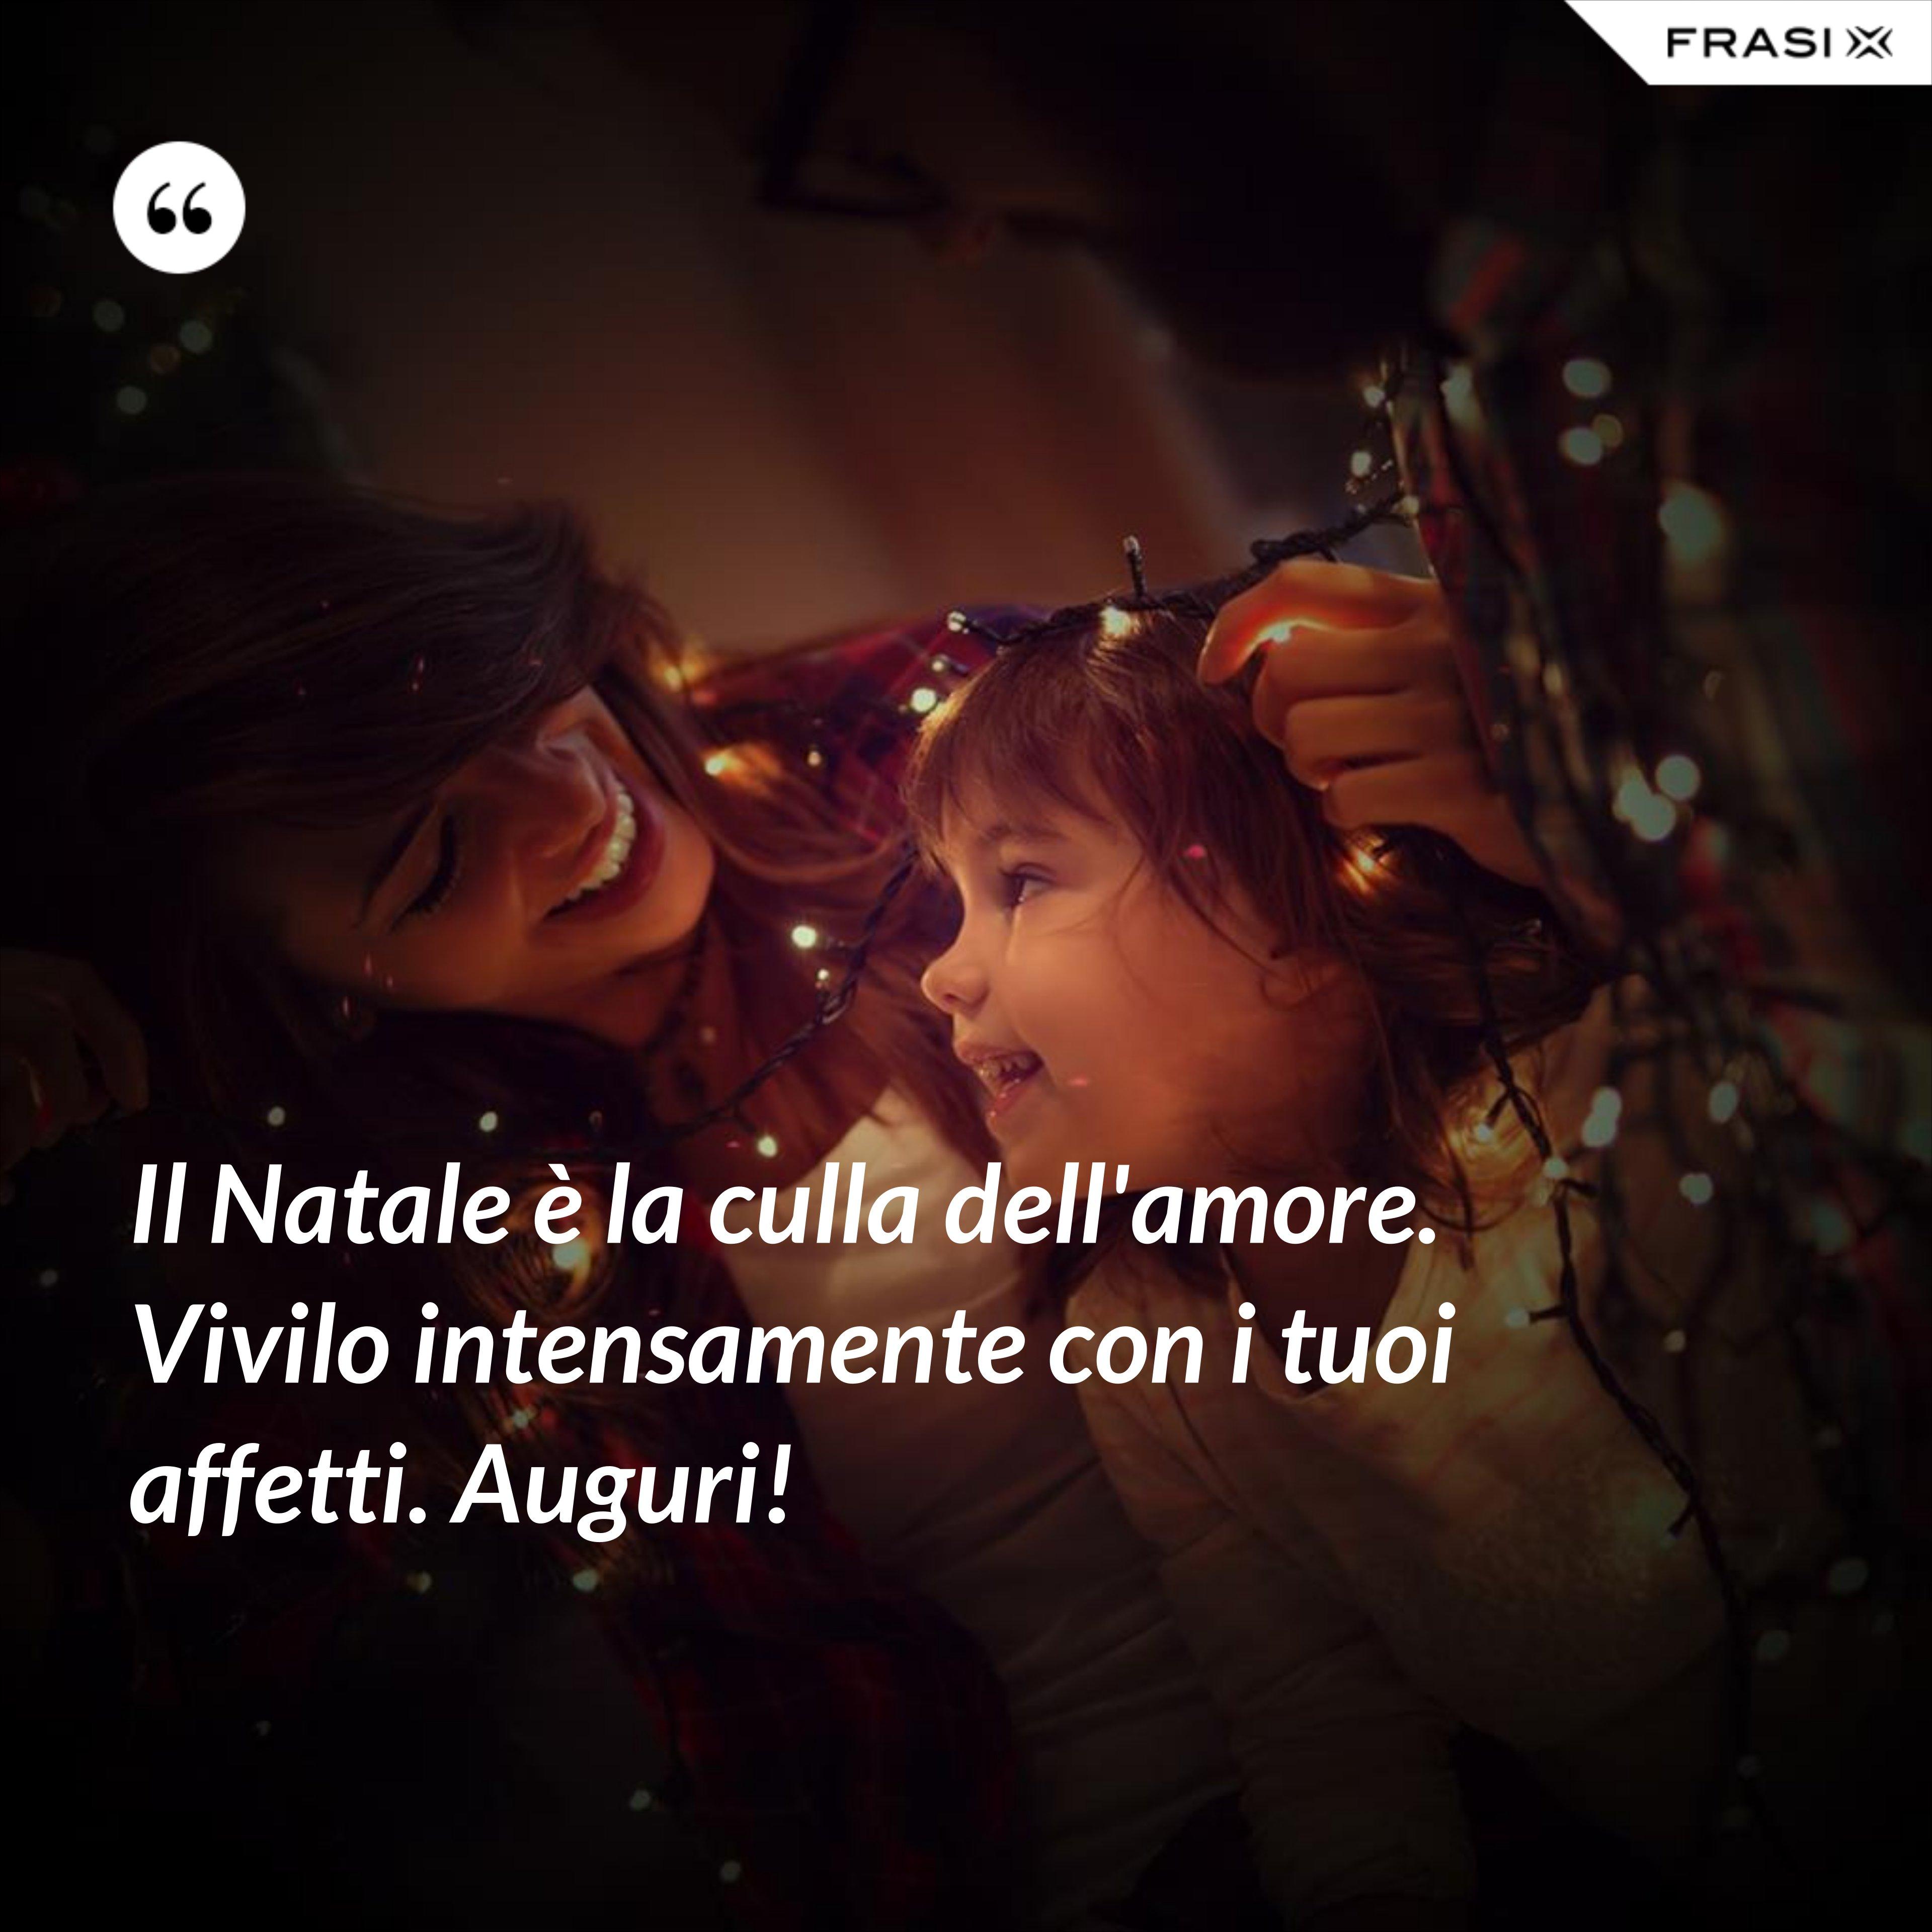 Il Natale è la culla dell'amore. Vivilo intensamente con i tuoi affetti. Auguri! - Anonimo